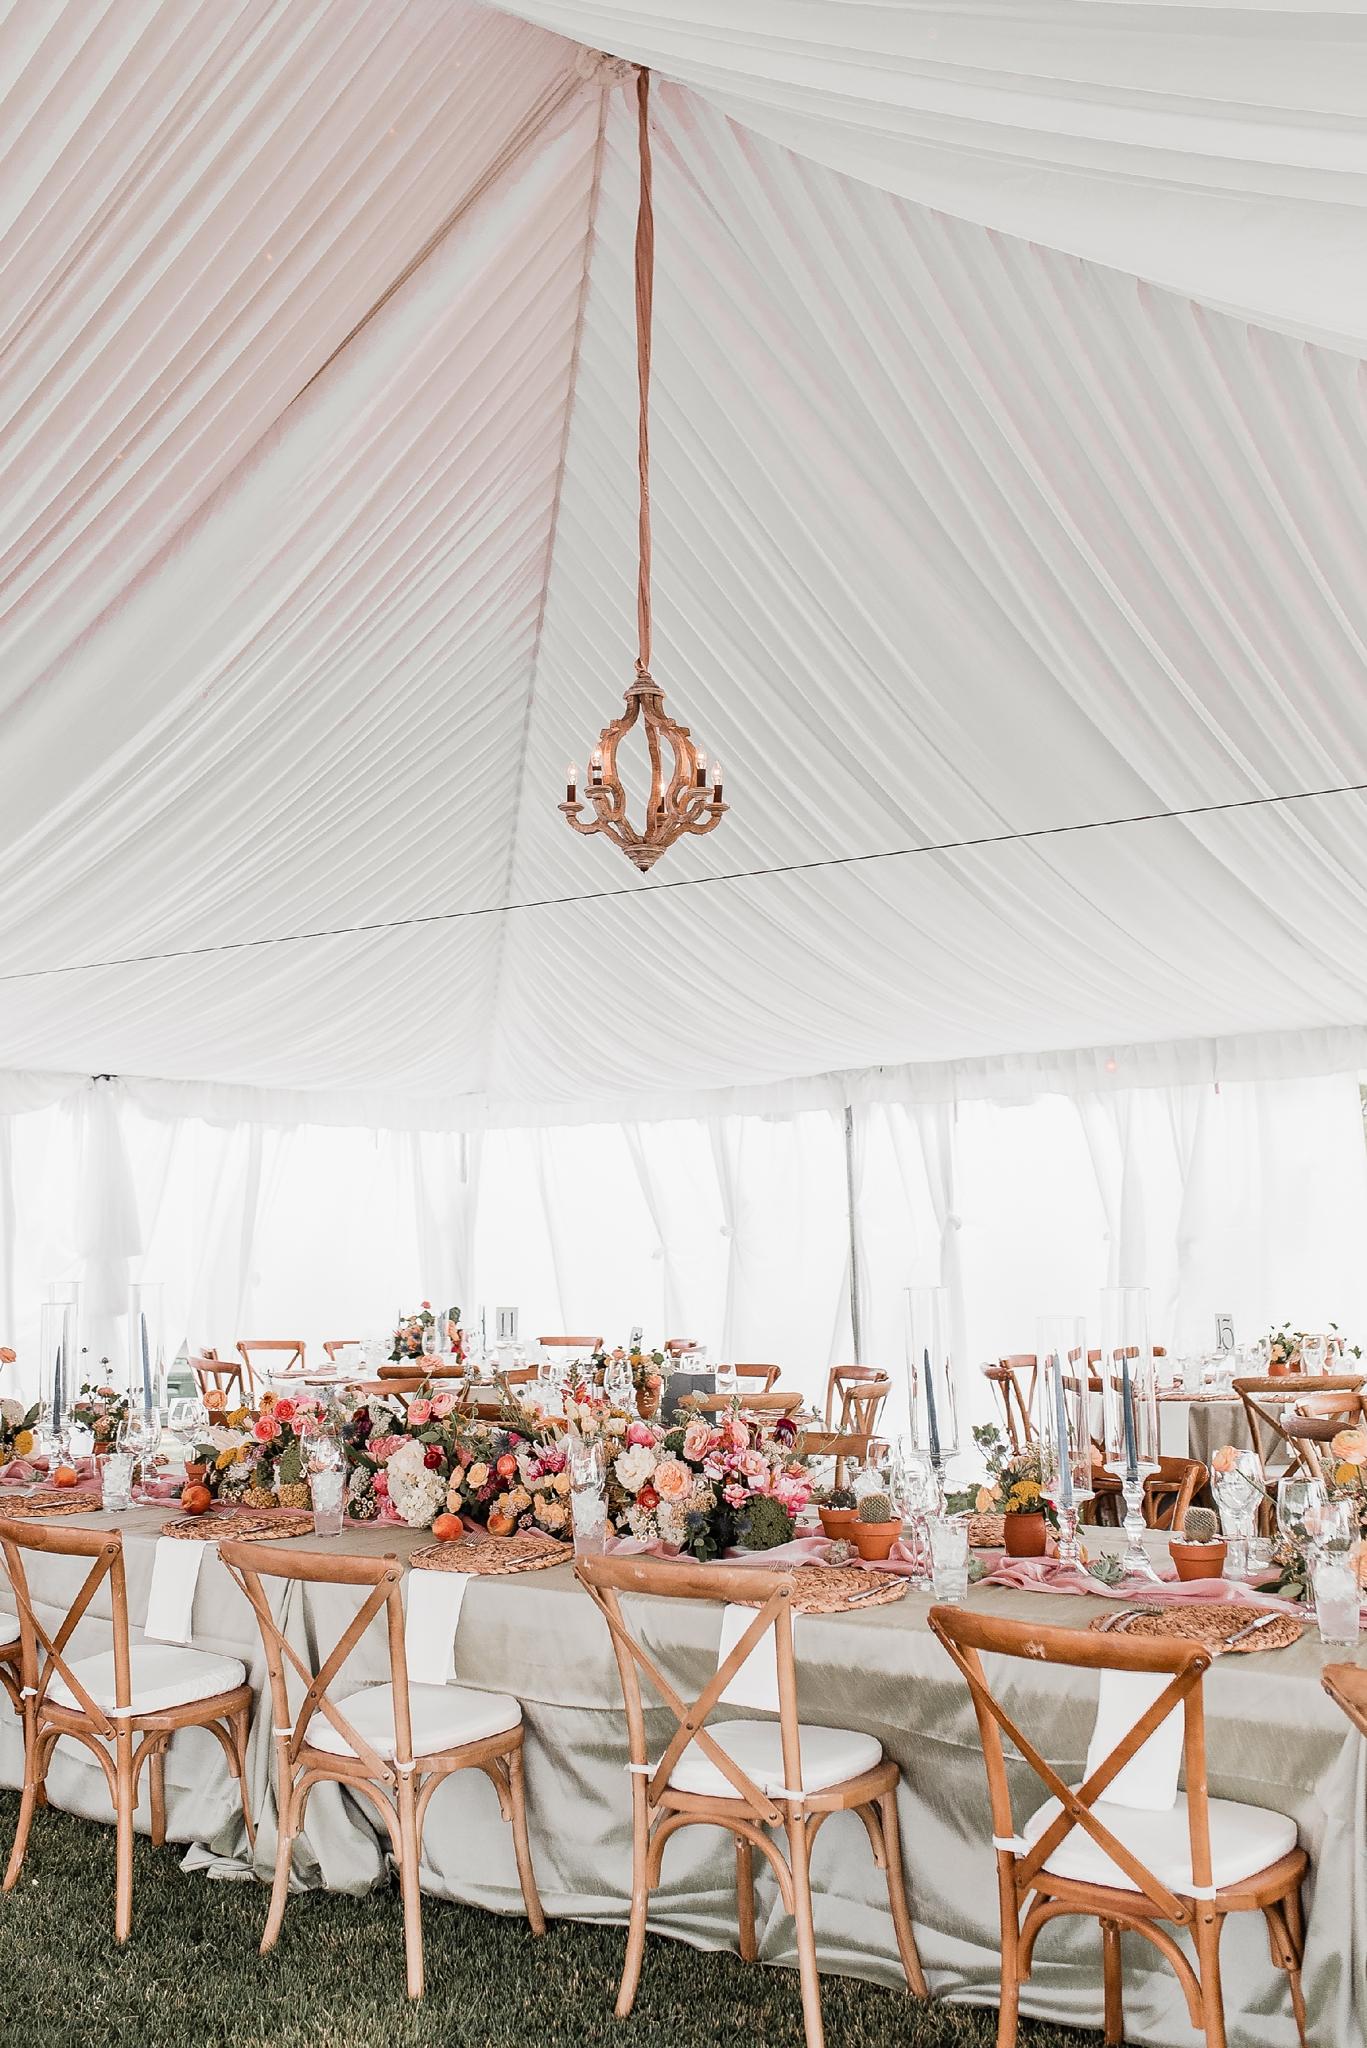 Alicia+lucia+photography+-+albuquerque+wedding+photographer+-+santa+fe+wedding+photography+-+new+mexico+wedding+photographer+-+new+mexico+wedding+-+las+campanas+wedding+-+santa+fe+wedding+-+maximalist+wedding+-+destination+wedding_0123.jpg